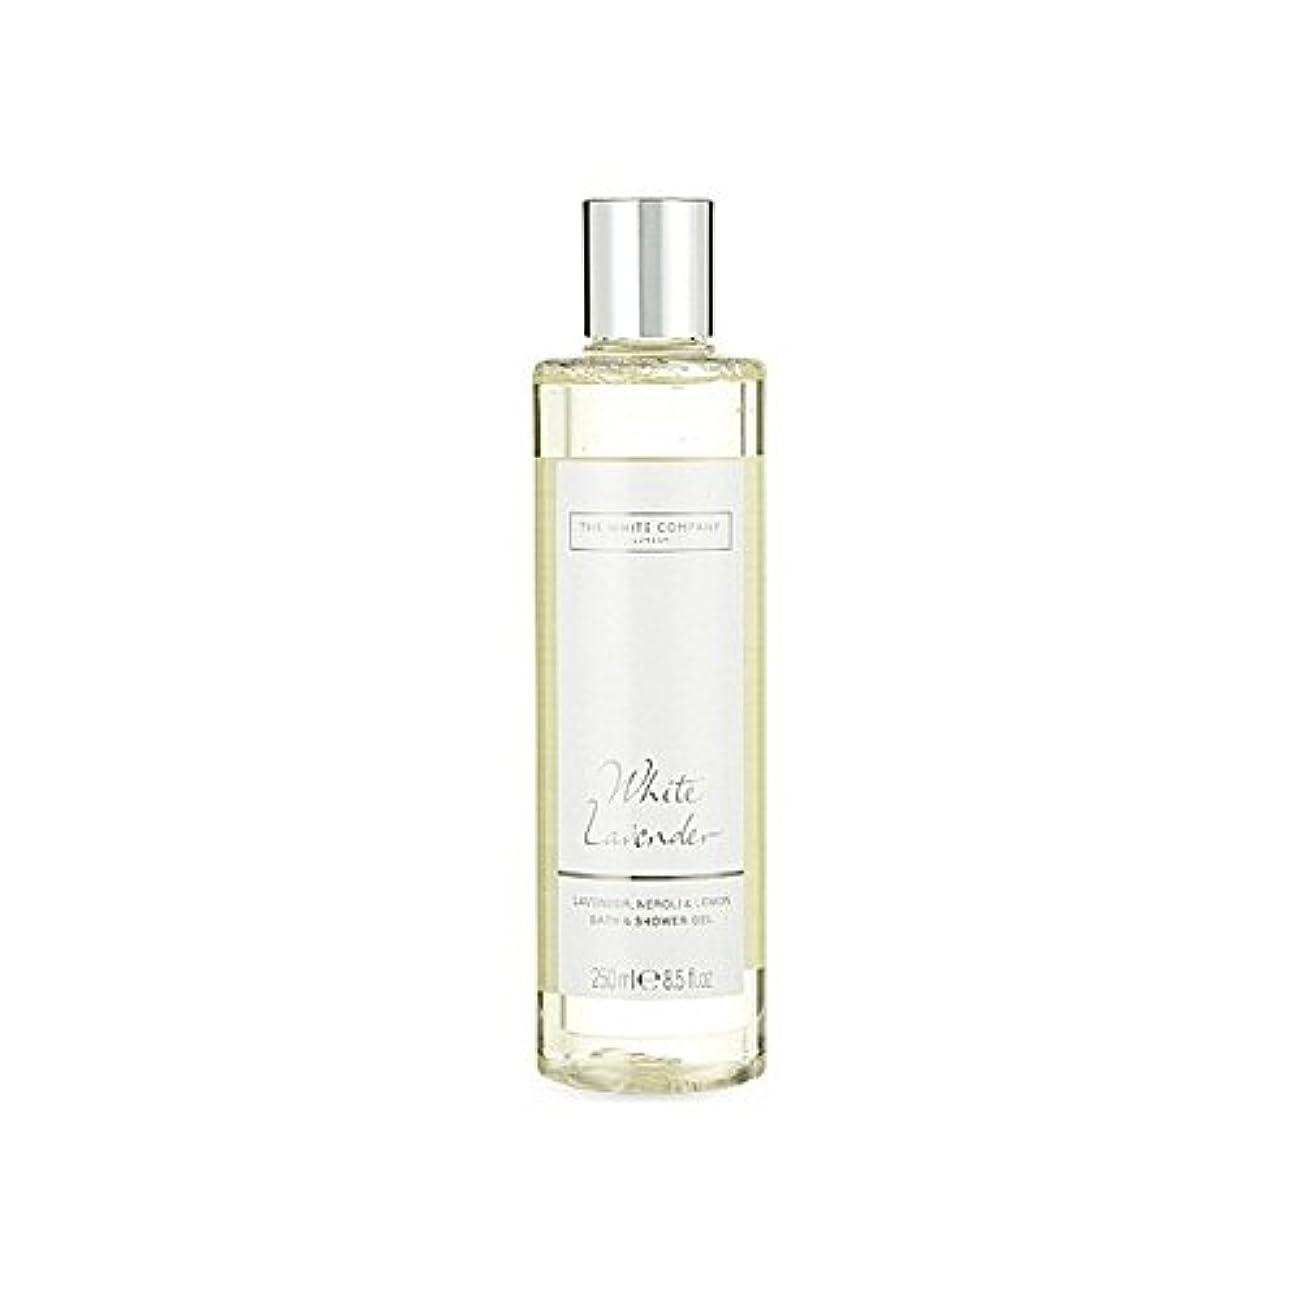 プランターブランチ杭The White Company White Lavender Bath & Shower Gel - 白同社白ラベンダーのバス&シャワージェル [並行輸入品]